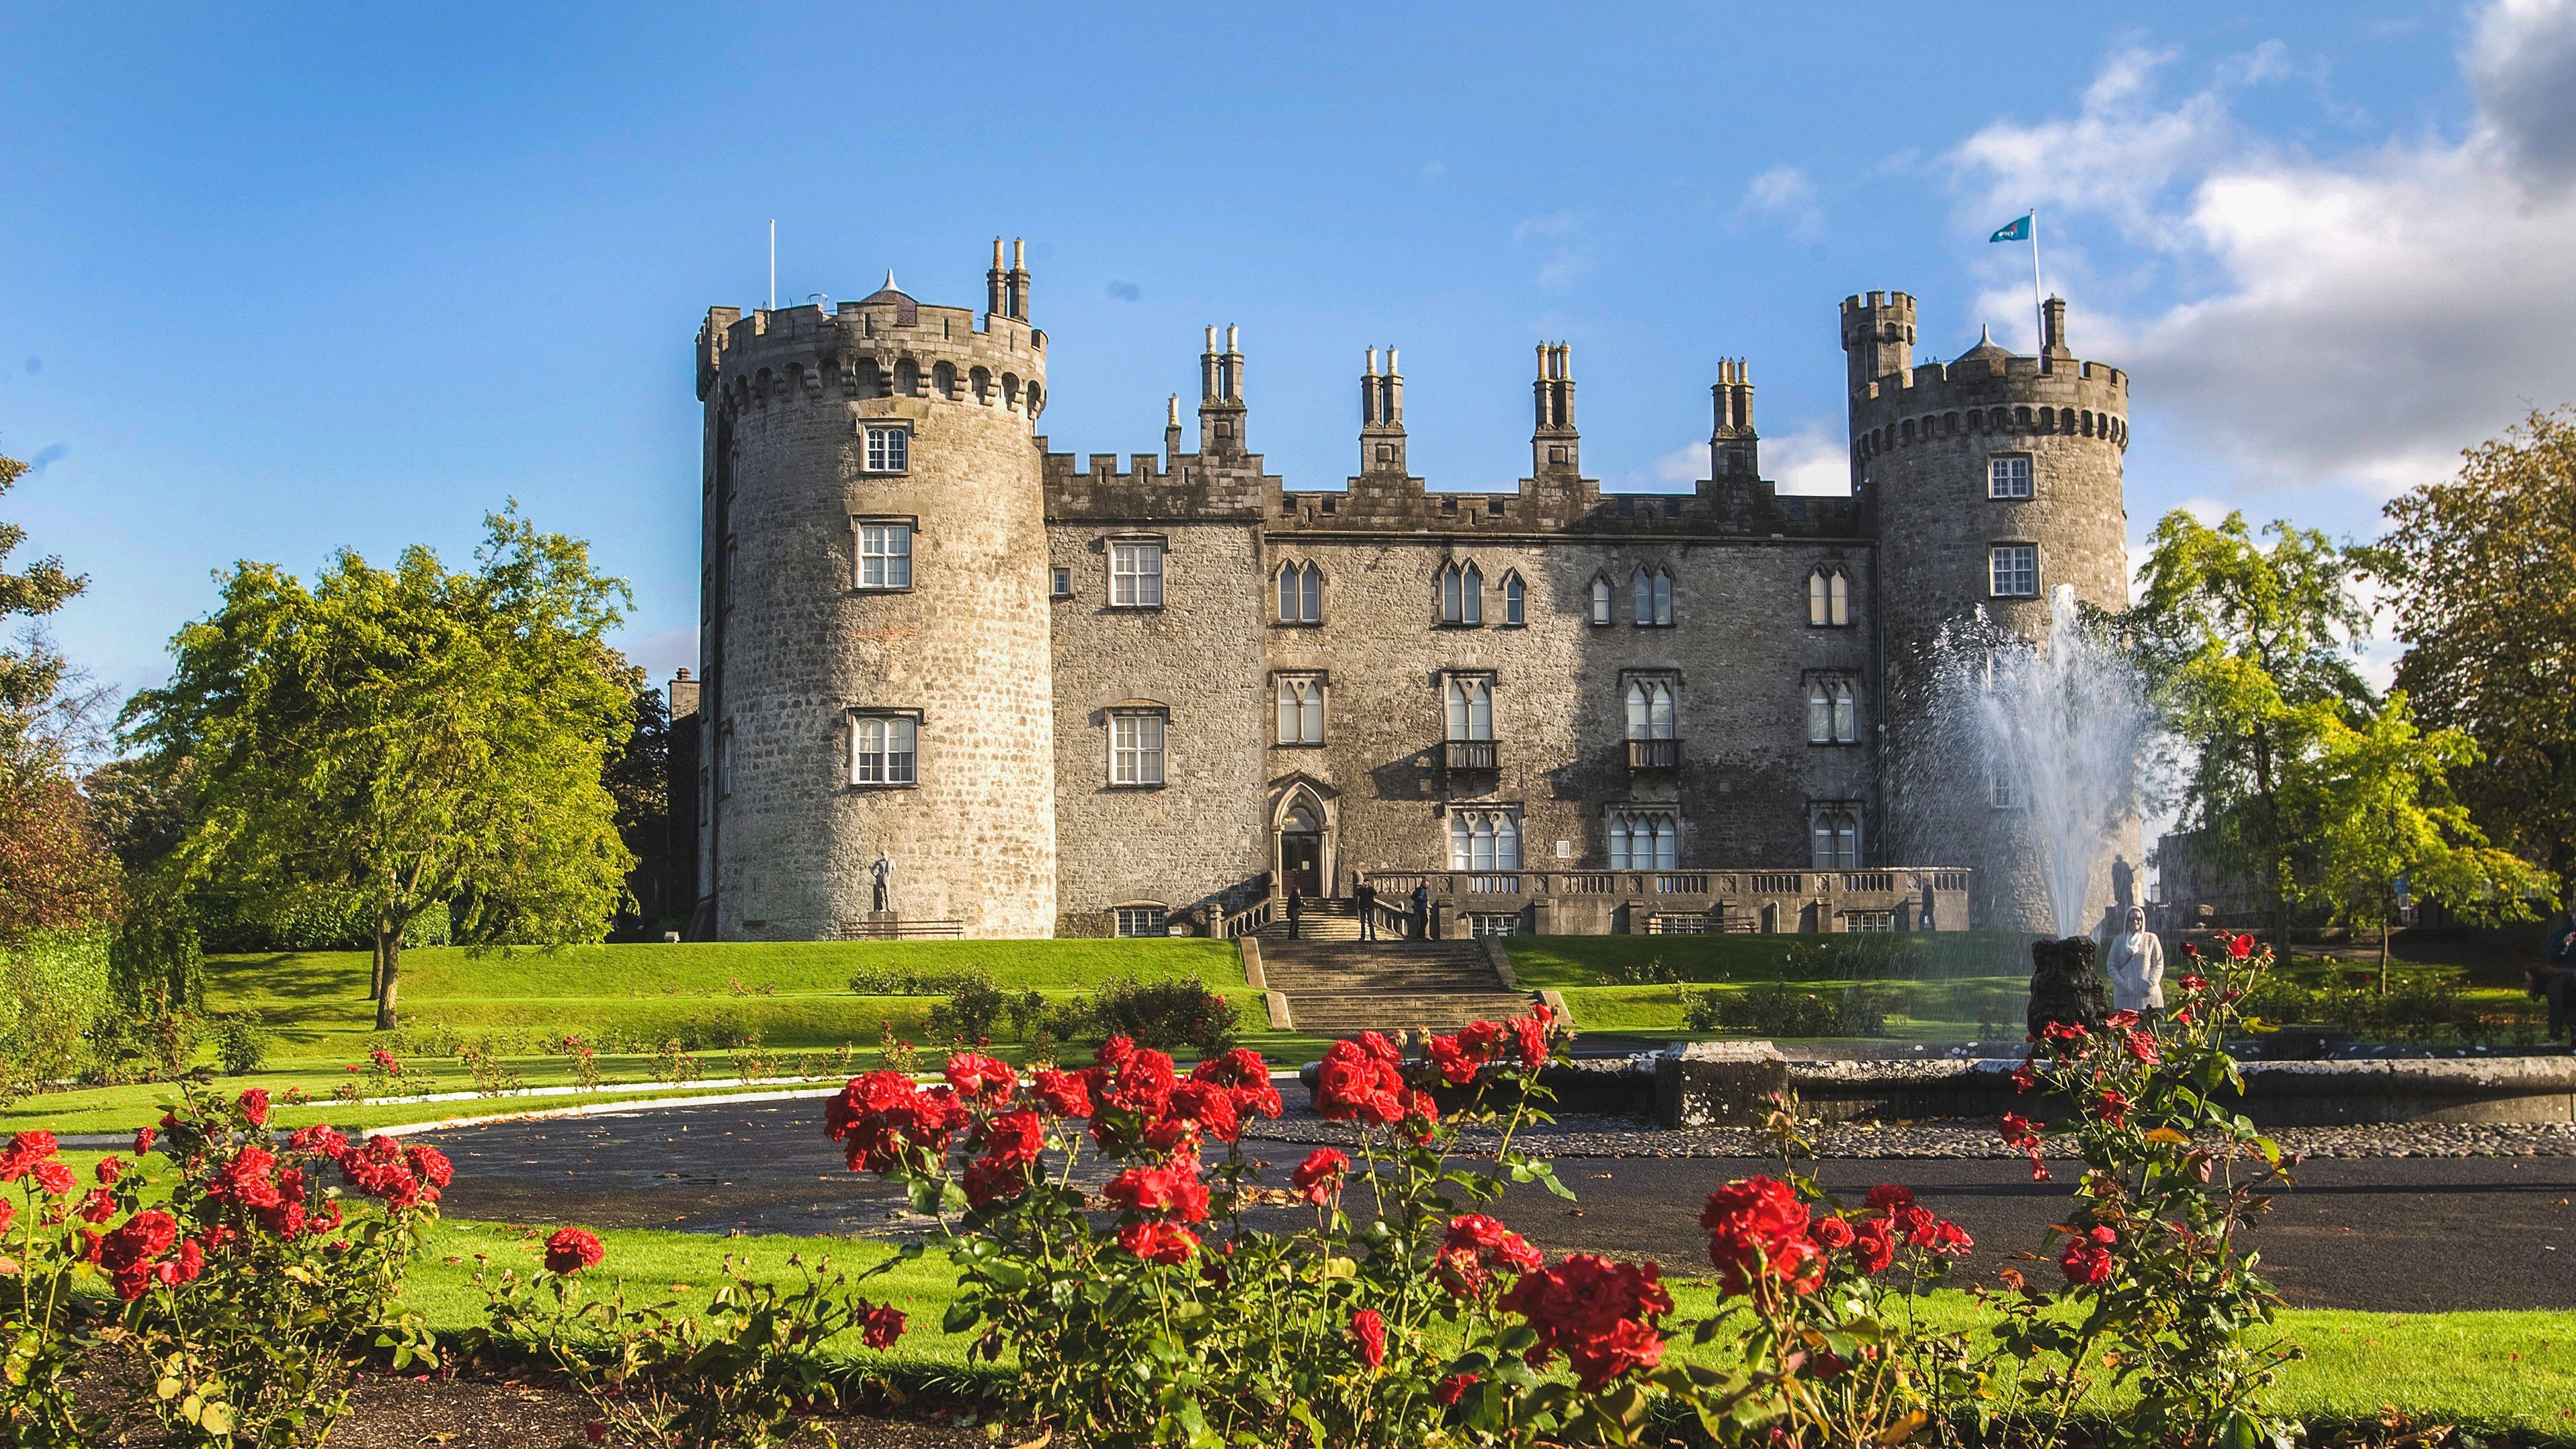 Beautiful garden view of Kilkenny Castle.